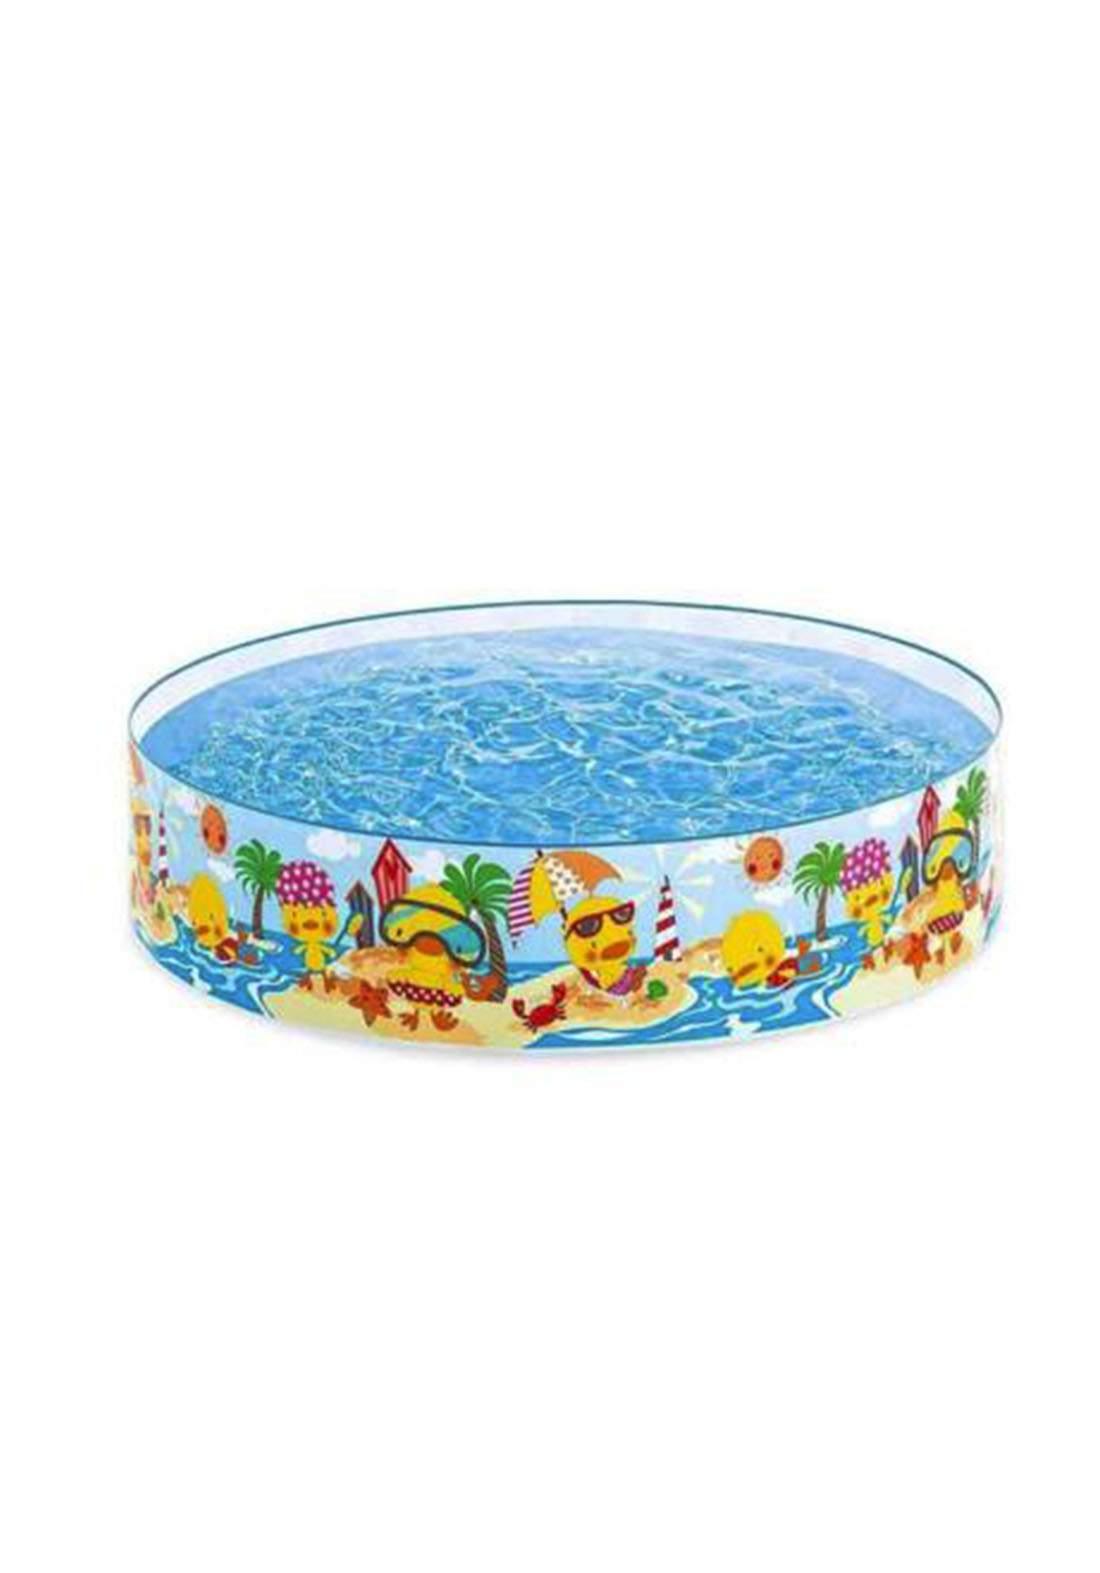 Intex 58477 Kids Swimming Pool مسبح